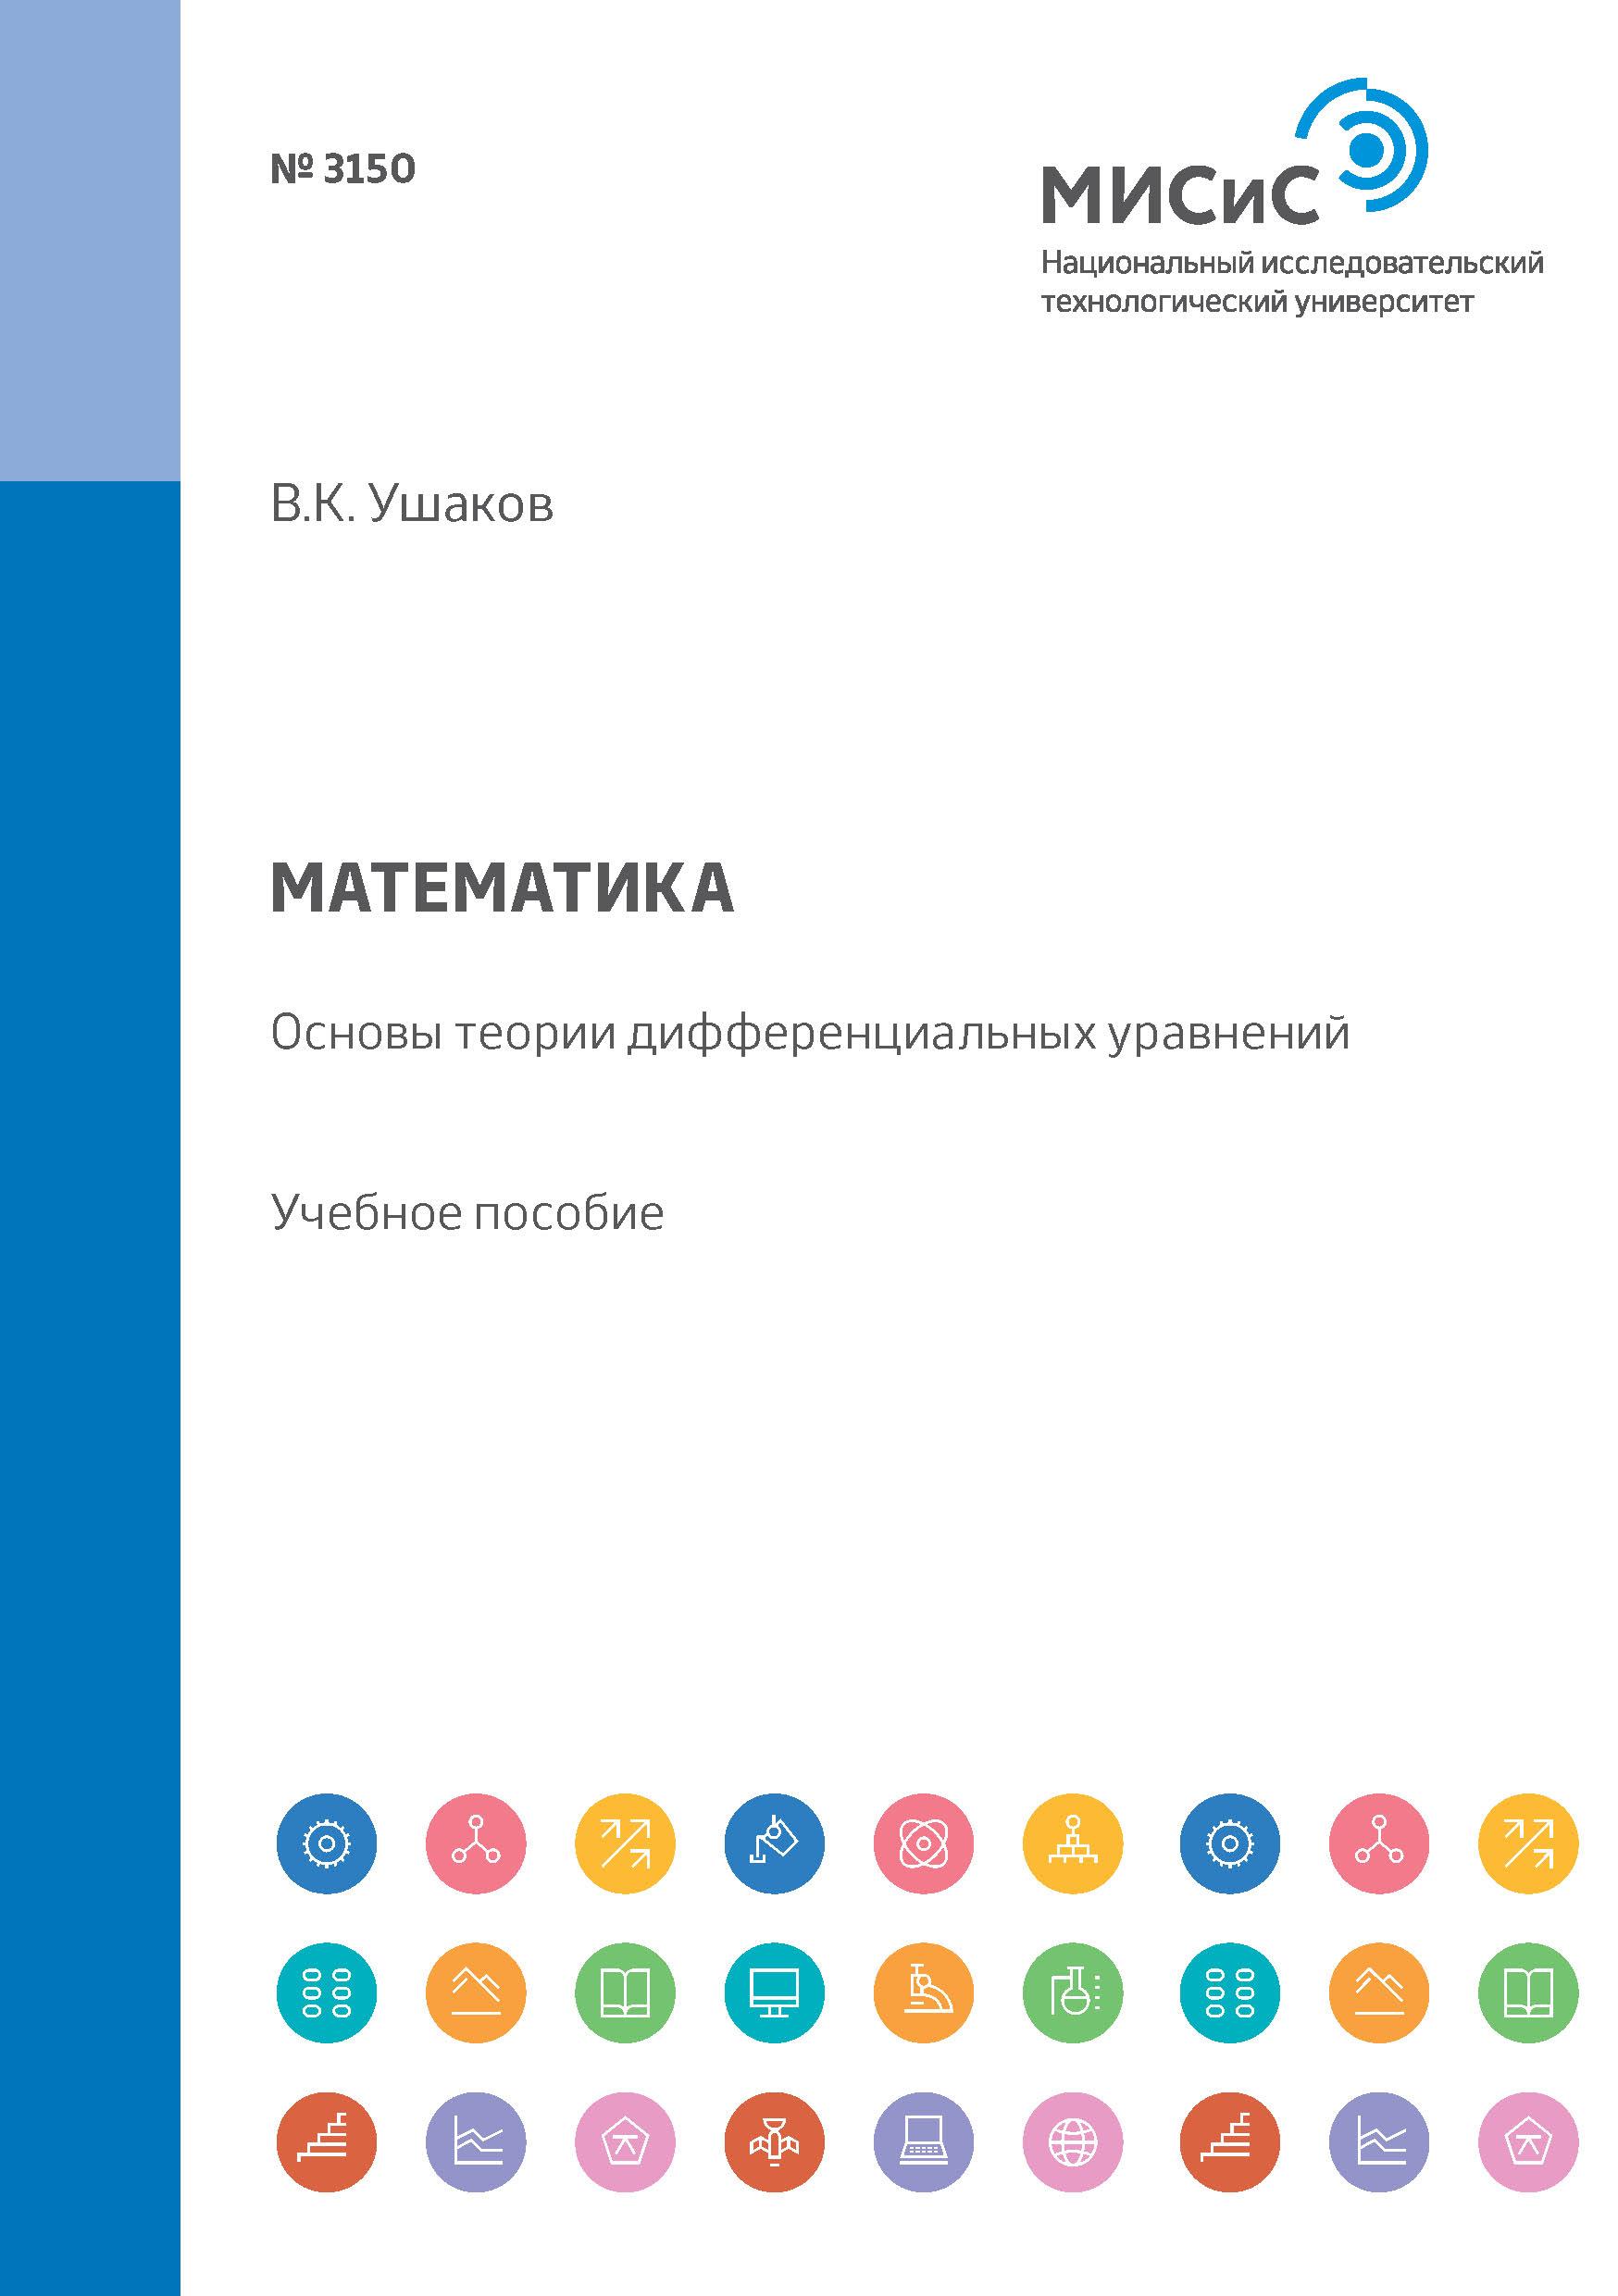 В. К. Ушаков Математика. Основы теории дифференциальных уравнений. Учебное пособие в к ушаков математика основы теории дифференциальных уравнений учебное пособие